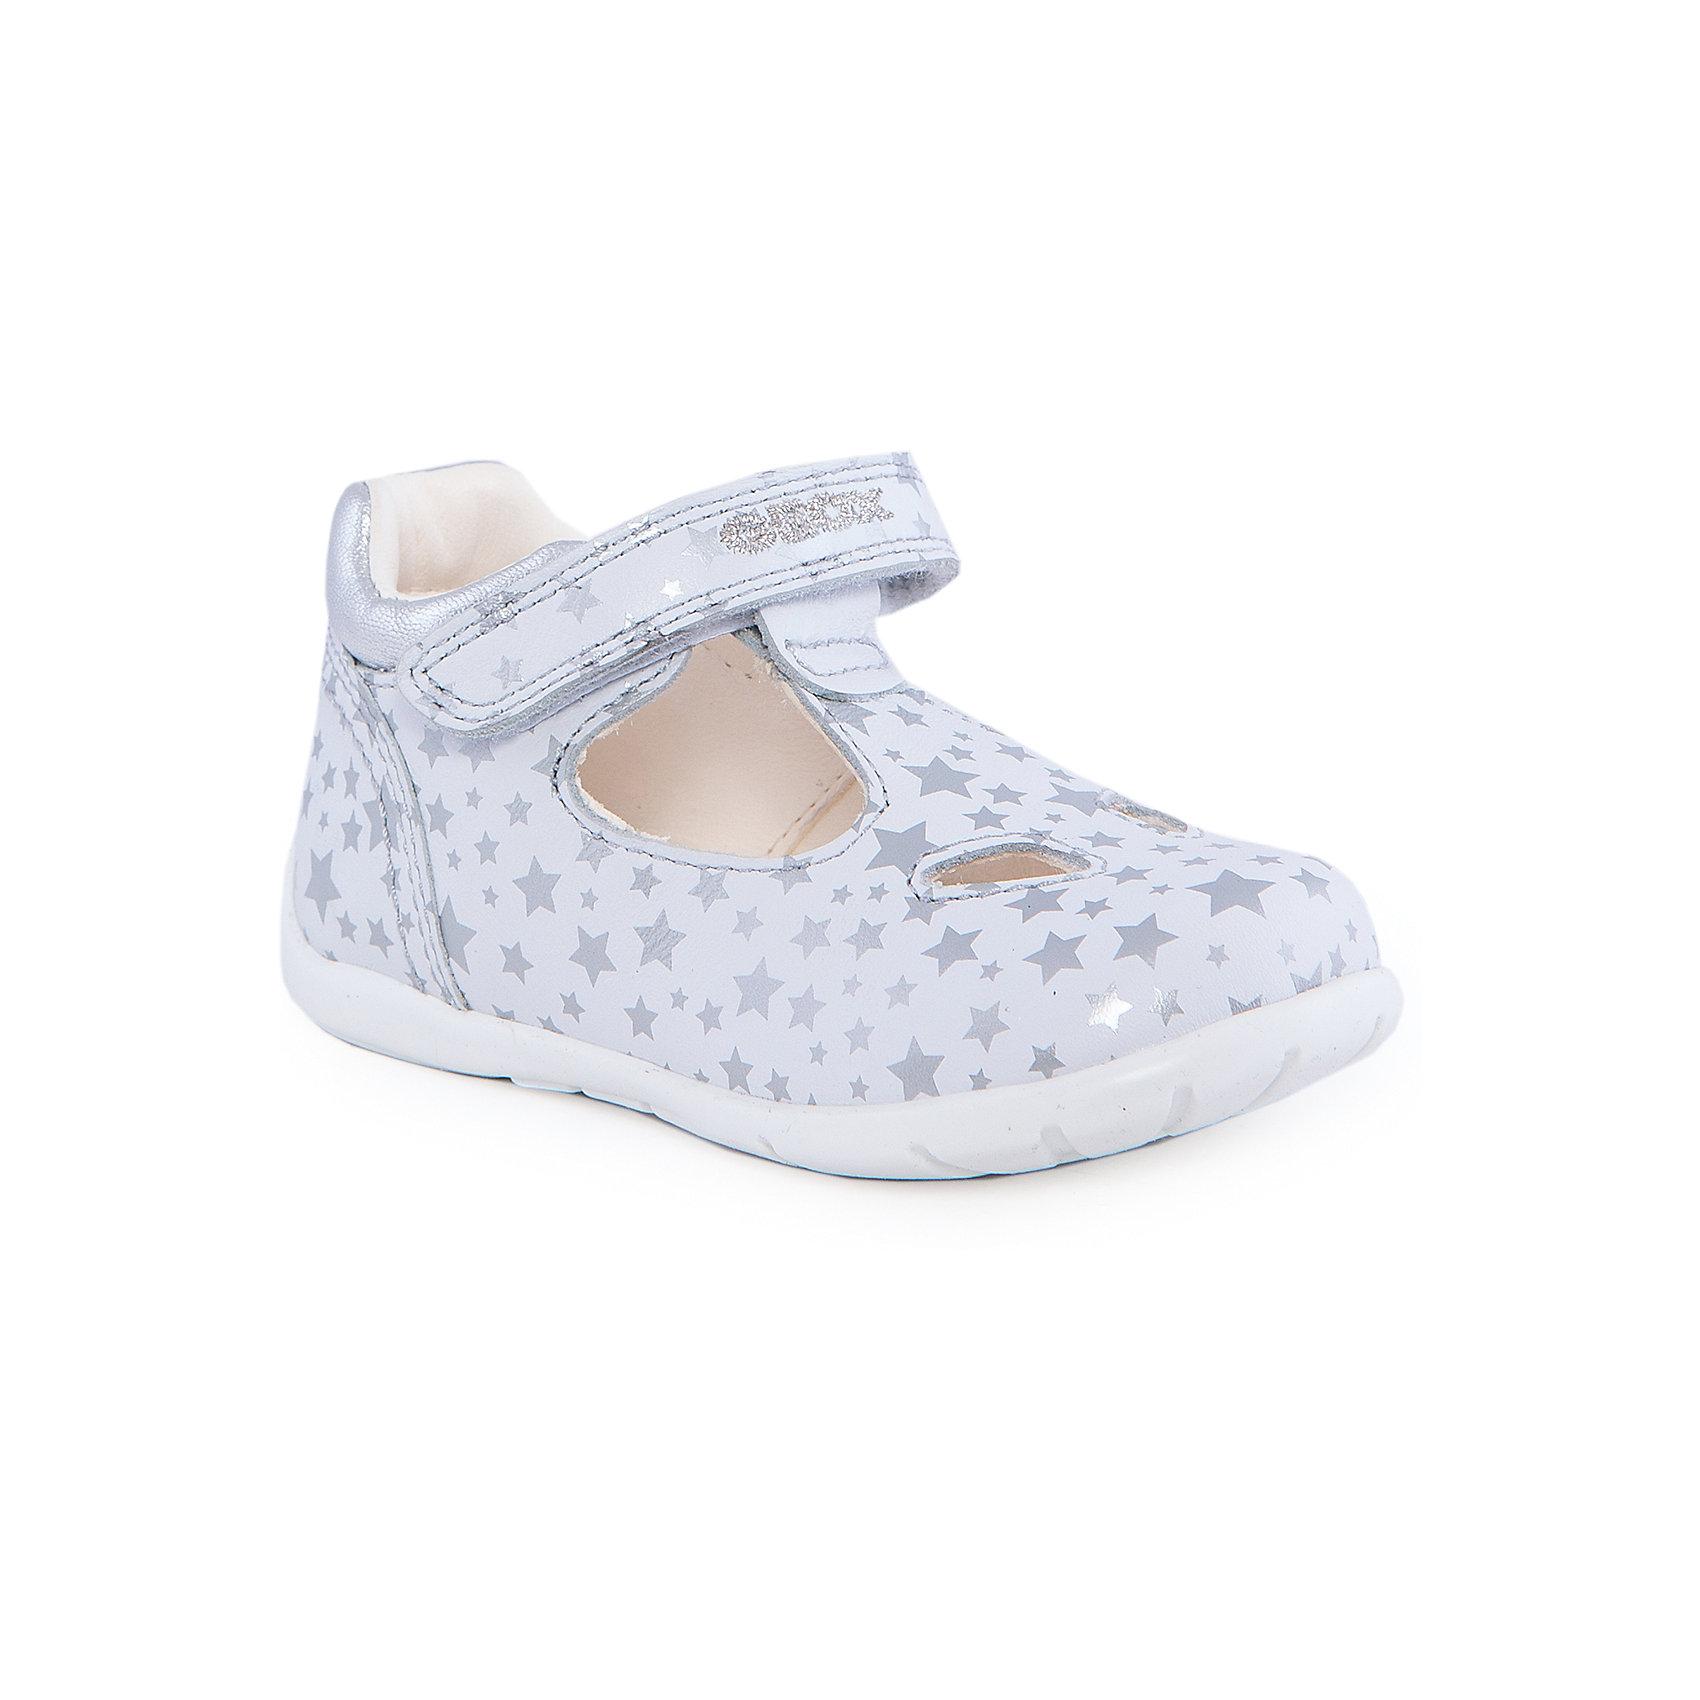 Босоножки для девочки GEOXБосоножки для девочки от популярной марки GEOX (Геокс).<br><br>Модные блестящие босоножки - отличная обувь для нового летнего сезона. Эта модель создана специально для девочек, она очень стильно и оригинально смотрится.<br>Производитель обуви заботится не только о внешнем виде, но и стабильно высоком качестве продукции. GEOX (Геокс) разработал специальную высокотехнологичную стельку. Вся обувь делается только из качественных и надежных материалов.<br><br>Отличительные особенности модели:<br><br>- цвет: белый;<br>- декорирована серебристым принтом и вышивкой;<br>- гибкая прочная подошва;<br>- мягкий и легкий верх;<br>- защита пятки и пальцев;<br>- стильный дизайн;<br>- анатомическая стелька;<br>- удобные застежки - липучки;<br>- комфортное облегание.<br><br>Дополнительная информация:<br><br>- Сезон: весна/лето.<br><br>- Состав:<br><br>материал верха: натуральная кожа;<br>стелька: натуральная кожа;<br>подошва: полимер.<br><br>Босоножки для девочки GEOX (Геокс) можно купить в нашем магазине.<br><br>Ширина мм: 262<br>Глубина мм: 176<br>Высота мм: 97<br>Вес г: 427<br>Цвет: белый<br>Возраст от месяцев: 18<br>Возраст до месяцев: 21<br>Пол: Женский<br>Возраст: Детский<br>Размер: 23,24,22,25,21<br>SKU: 4519206